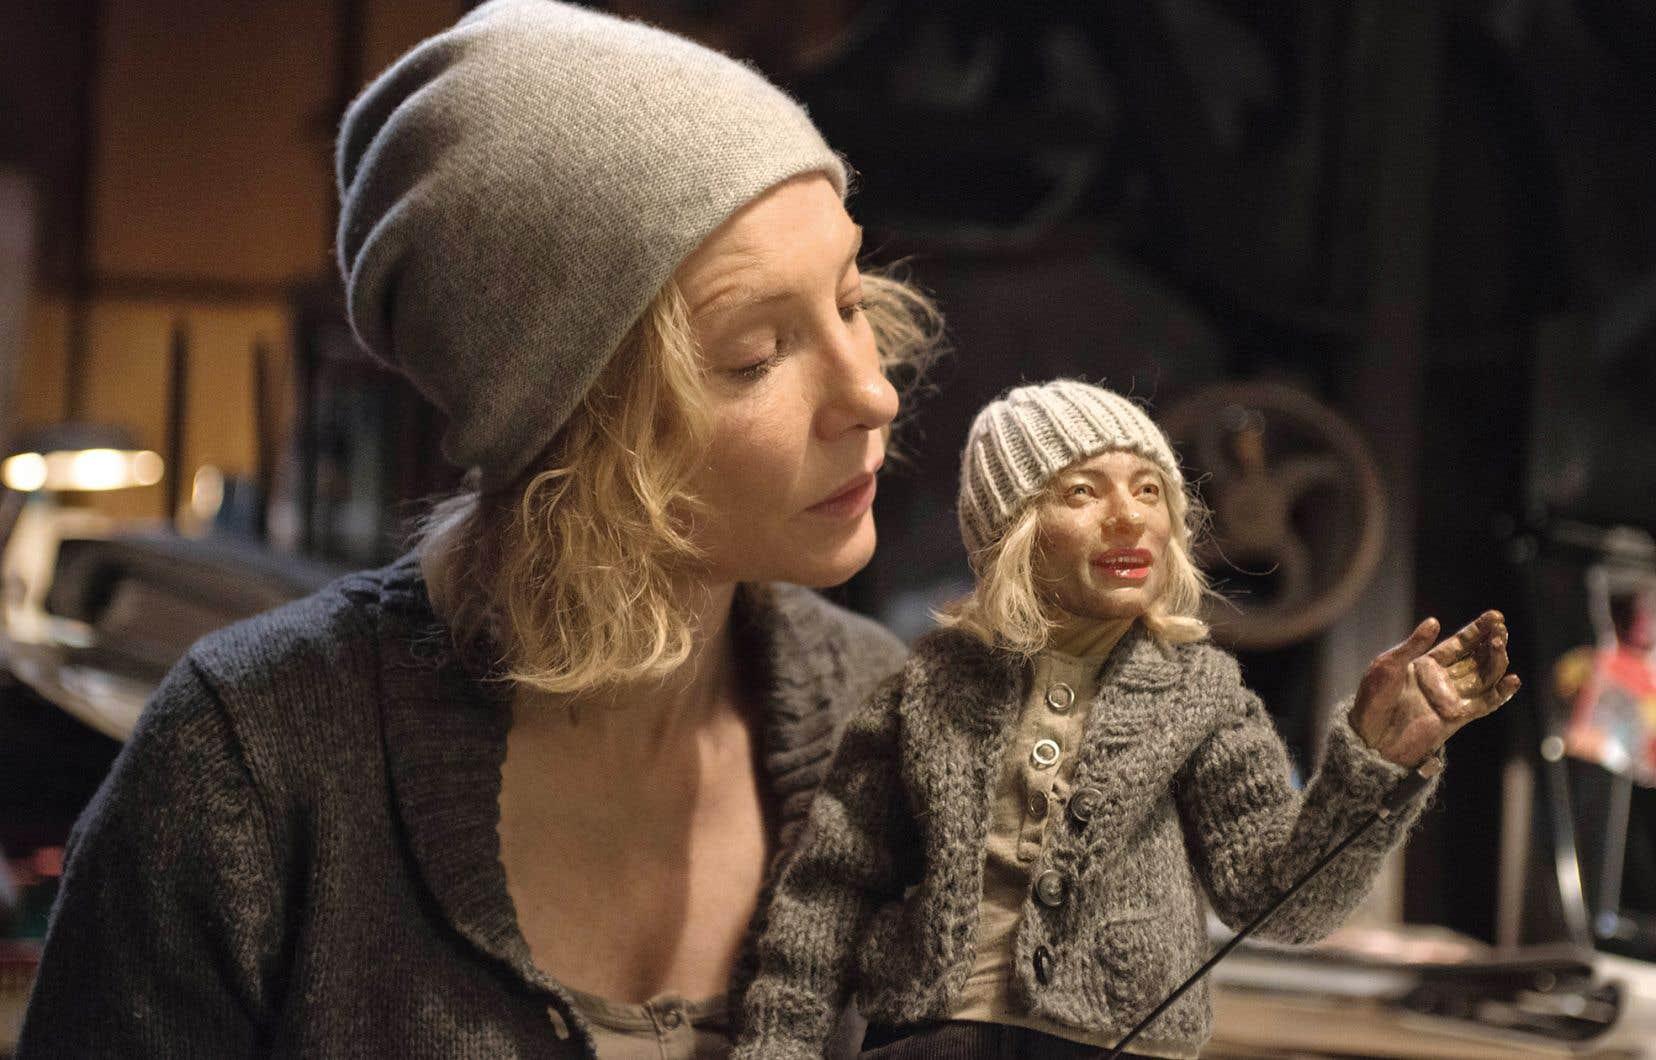 Extrait de l'installation vidéo <em>Manifesto</em> de Julian Rosefeldt mettant en scène l'actrice Cate Blanchett, qui prononce des manifestes artistiques à travers 13 rôles différents.